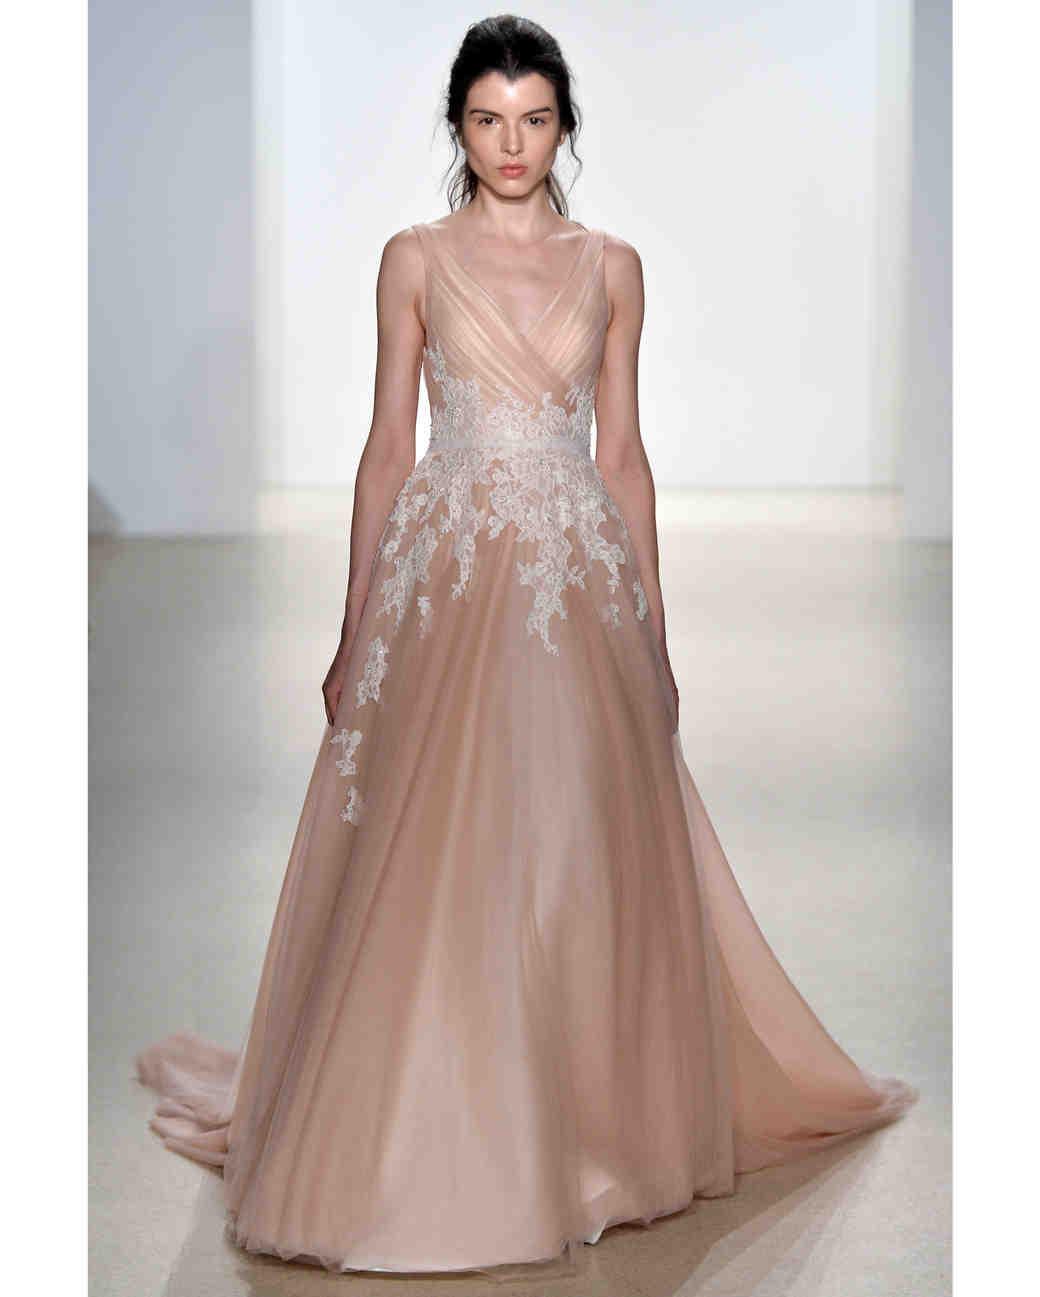 50-states-wedding-dresses-oklahoma-kelly-faetanini-0615.jpg